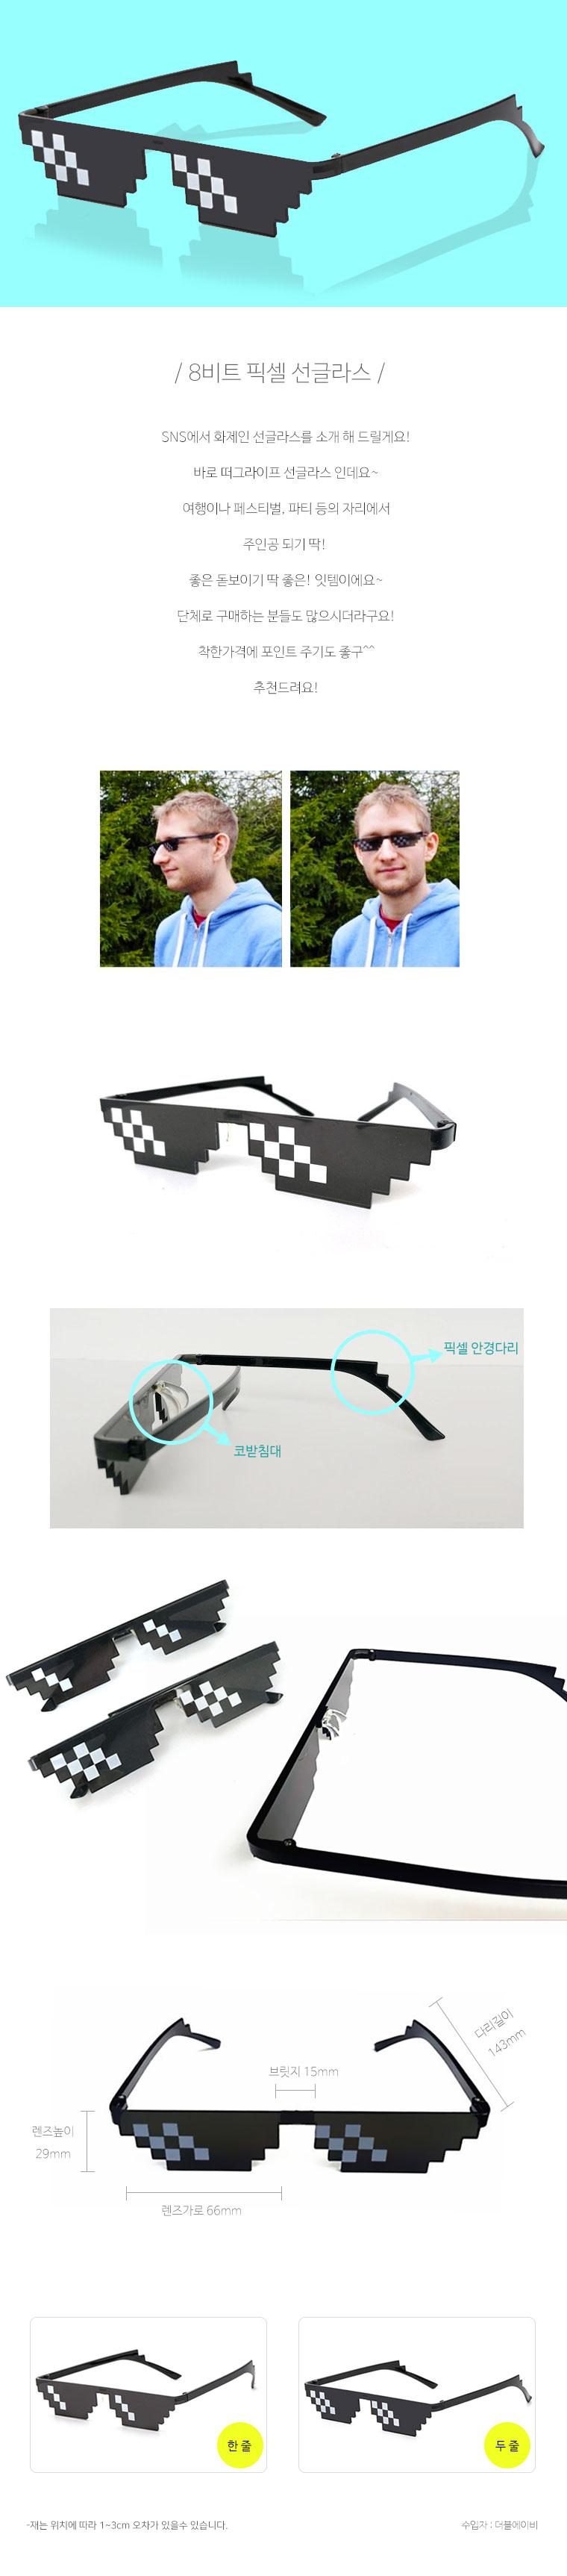 8비트 픽셀 선글라스 - 투교샵, 3,900원, 안경/선글라스, 선글라스